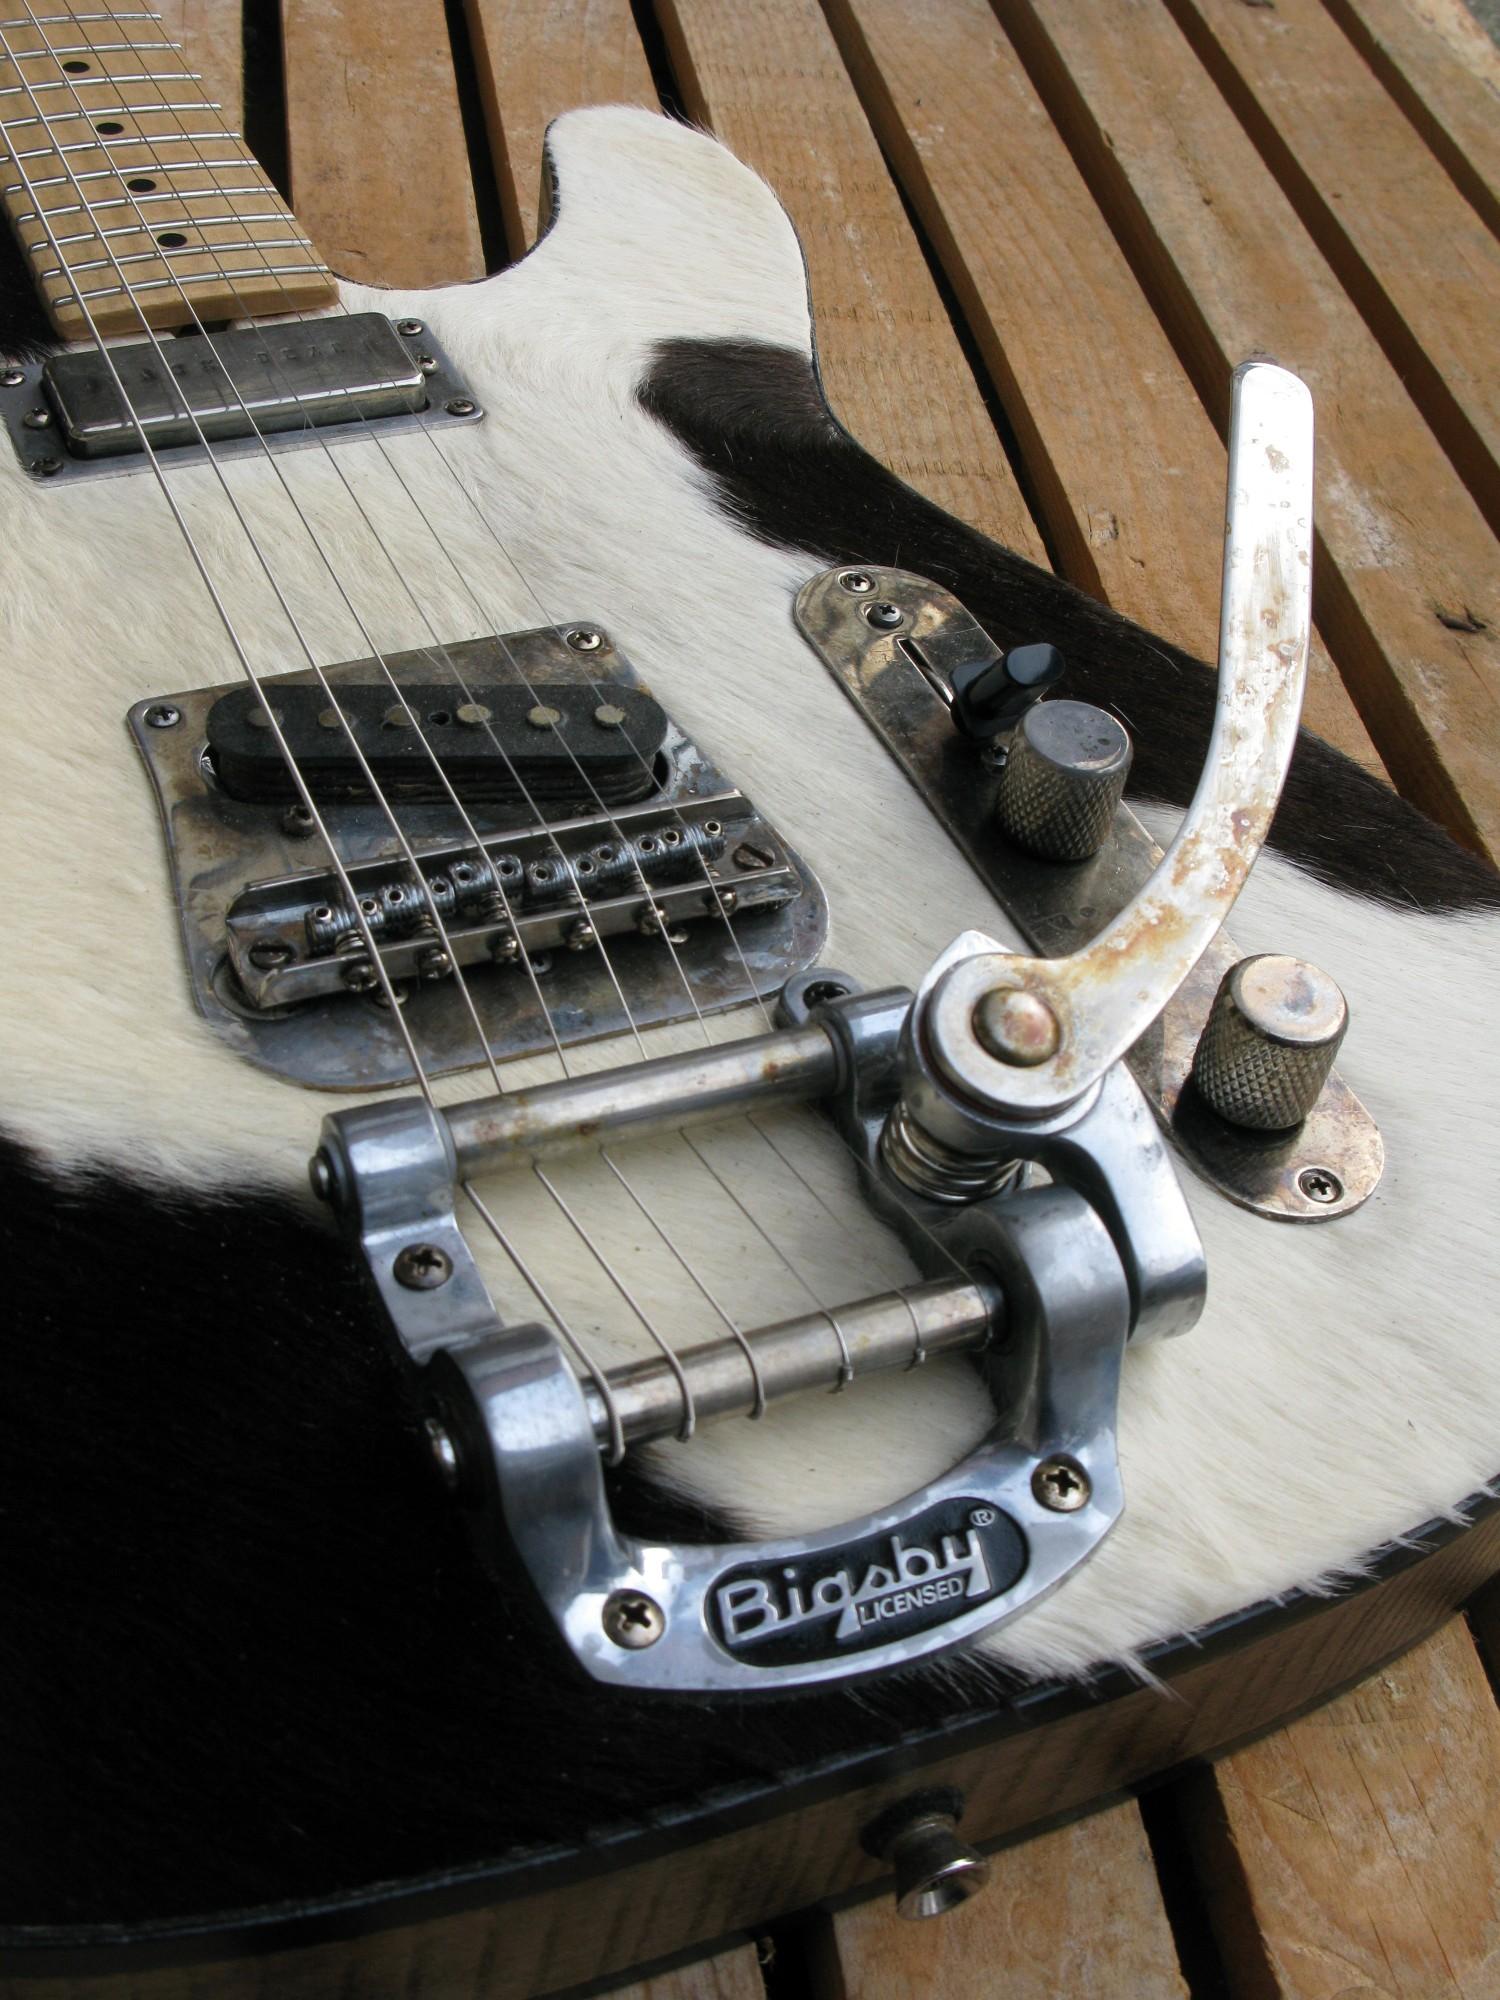 Bigsby di una chitarra Telecaster in castagno con top in pelle di mucca